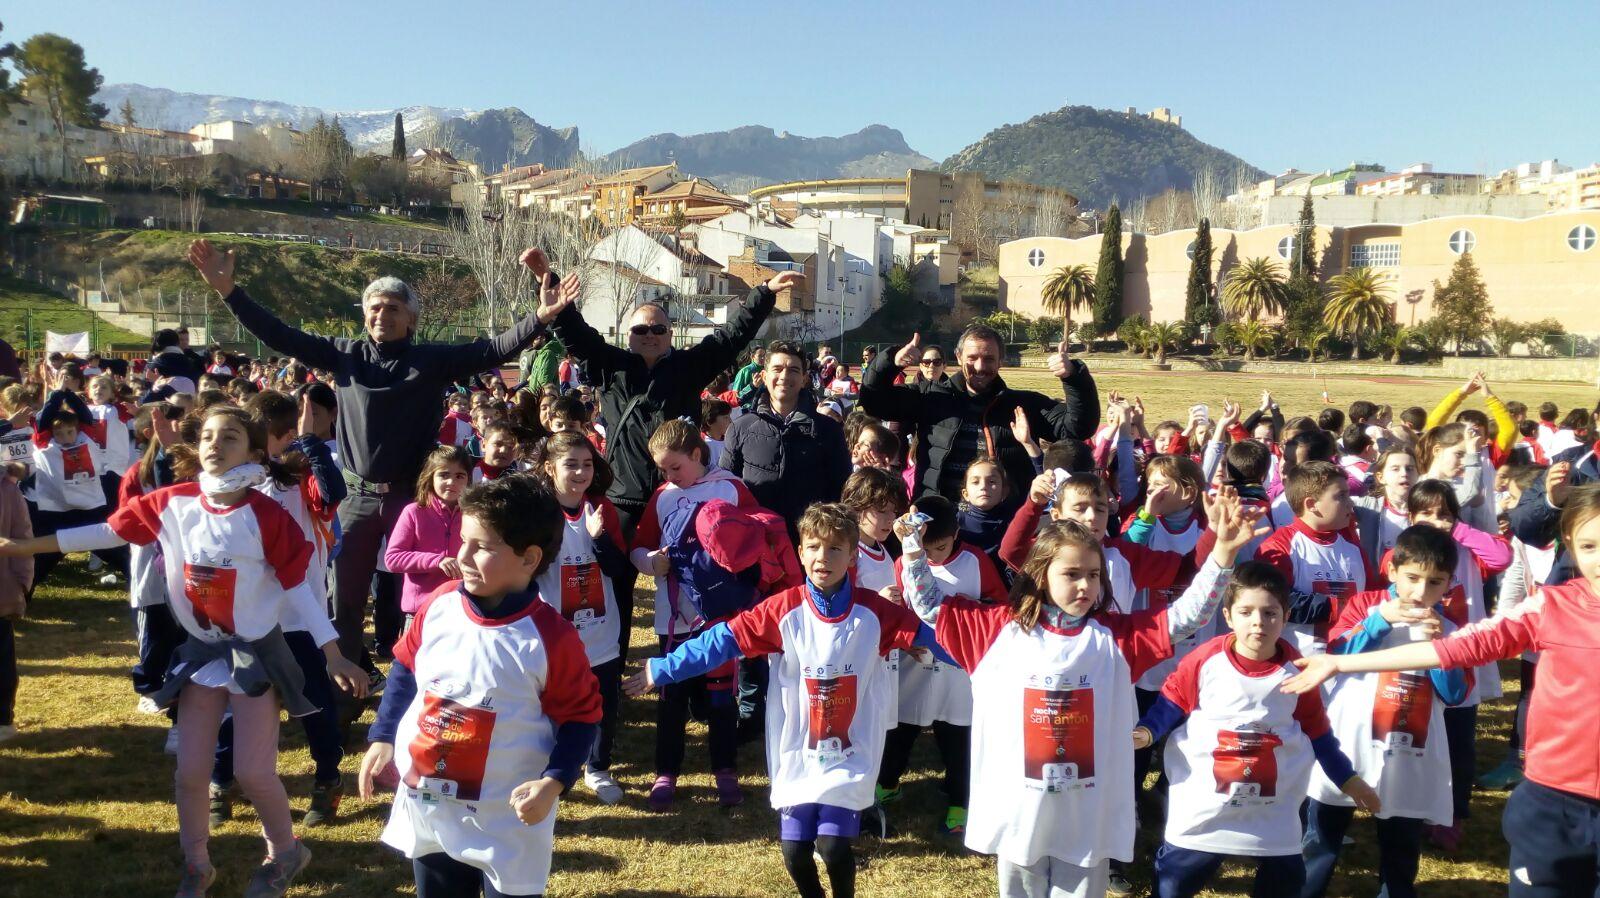 Más de 500 niños participan en la carrera de San Antón - Hora Jaén